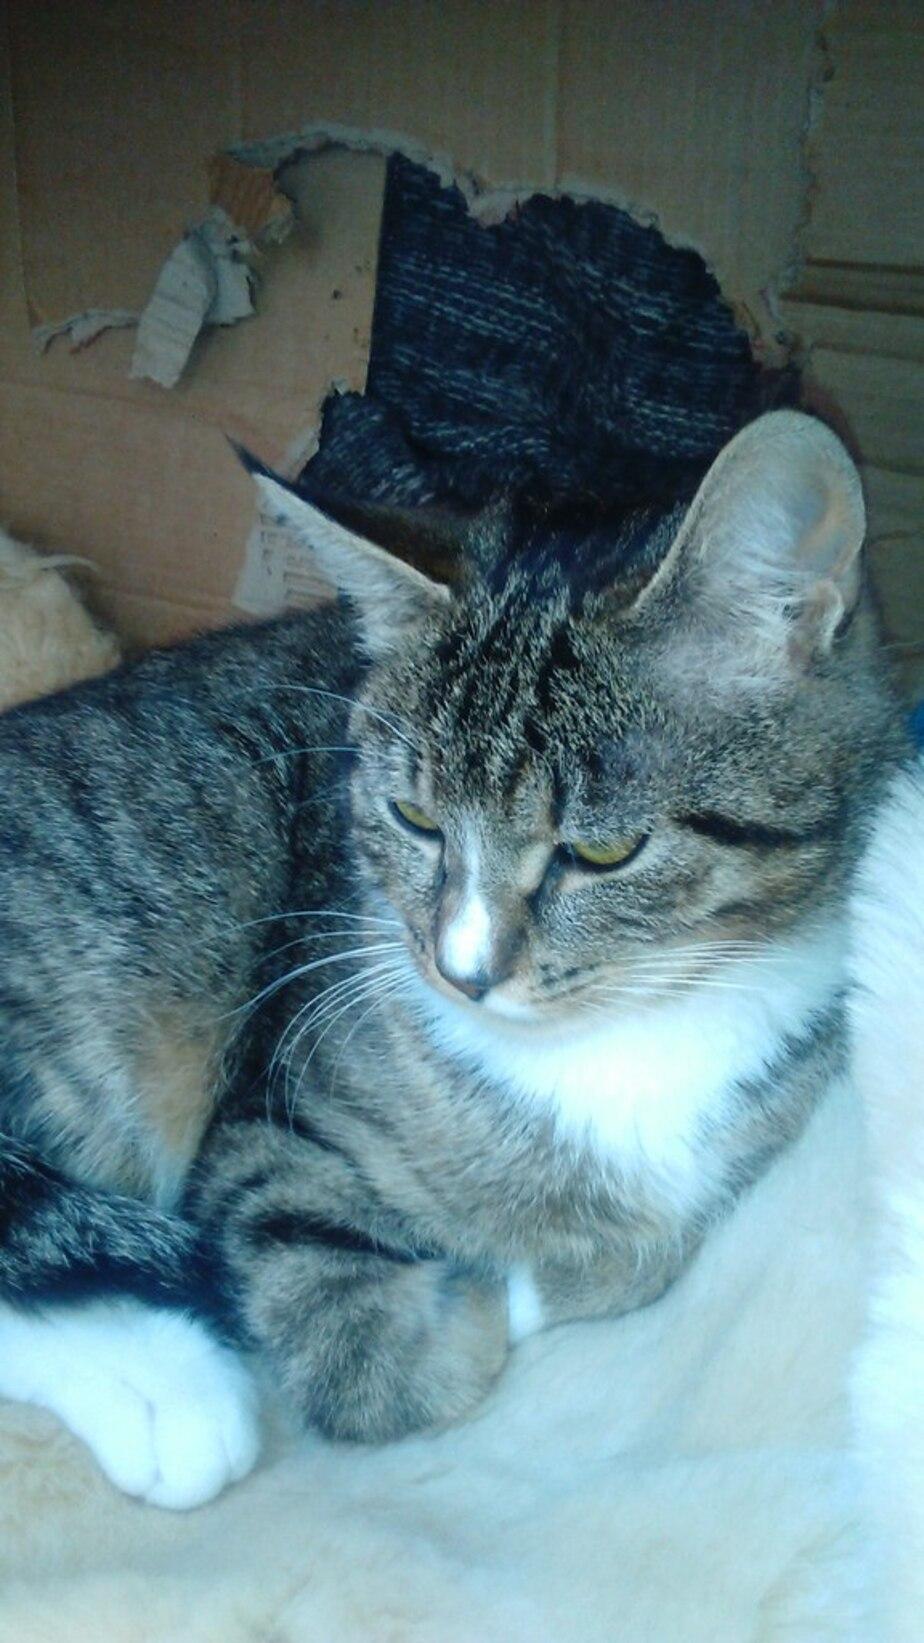 Калининградец спас живущую в канализации кошку с оторванной лапой